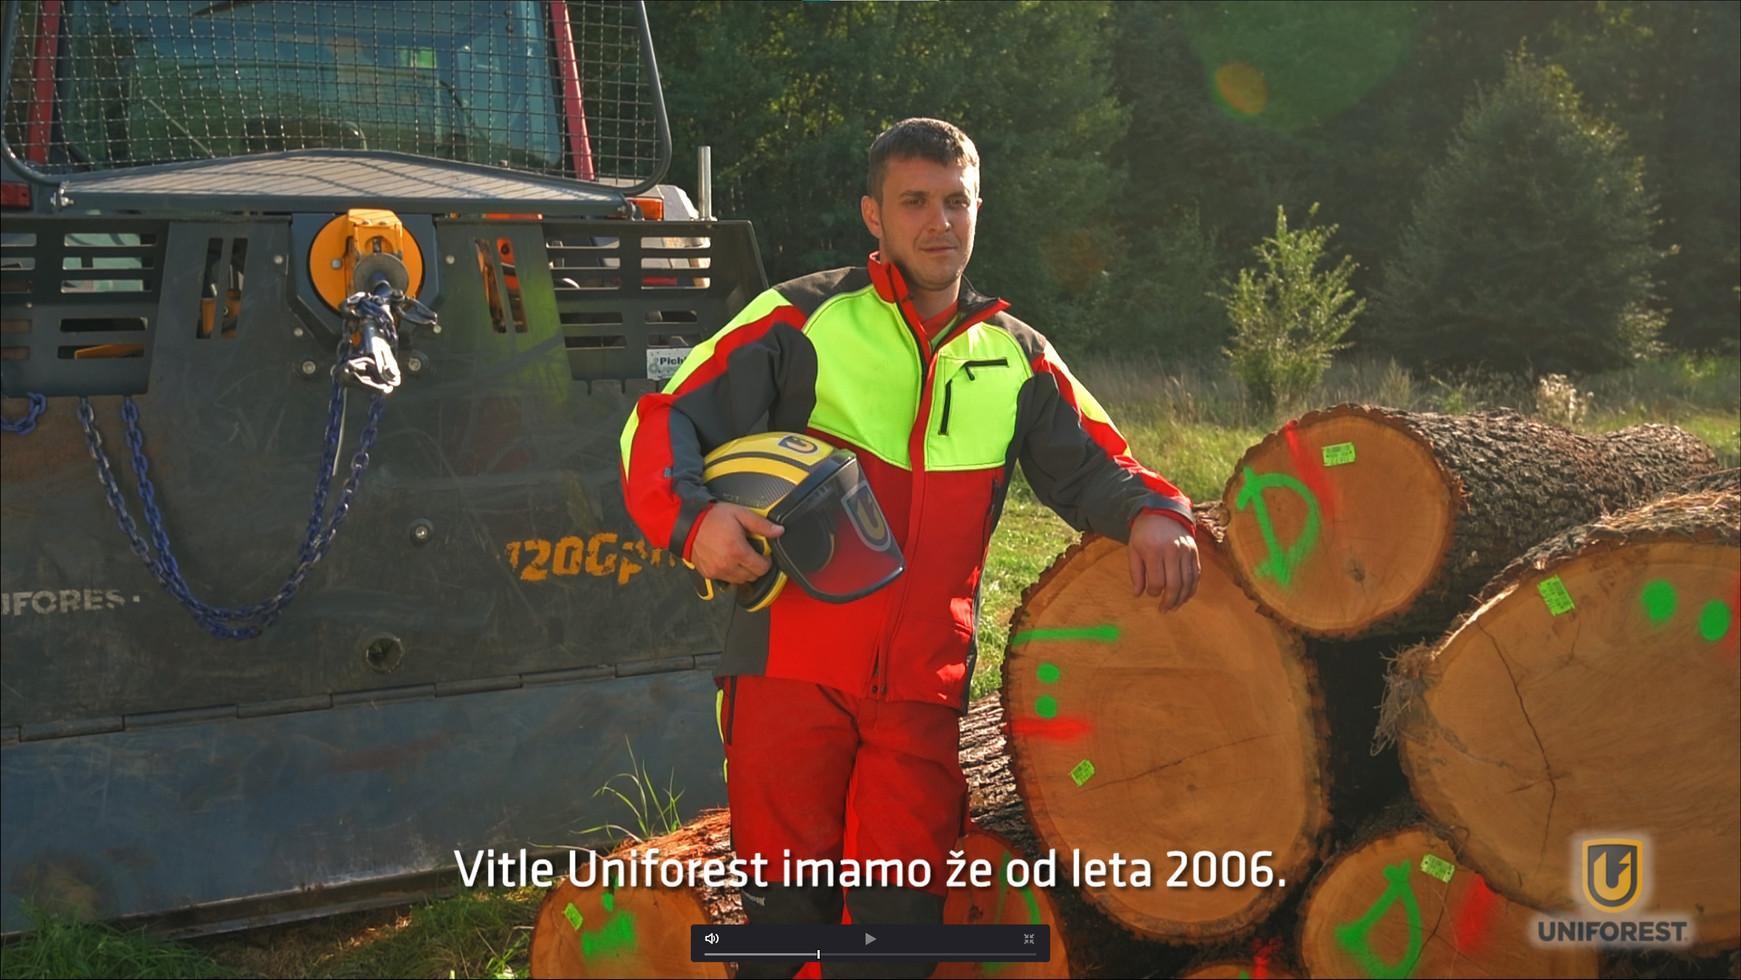 Testimonial video s podnapisi v 4 jezikih - slovenščina